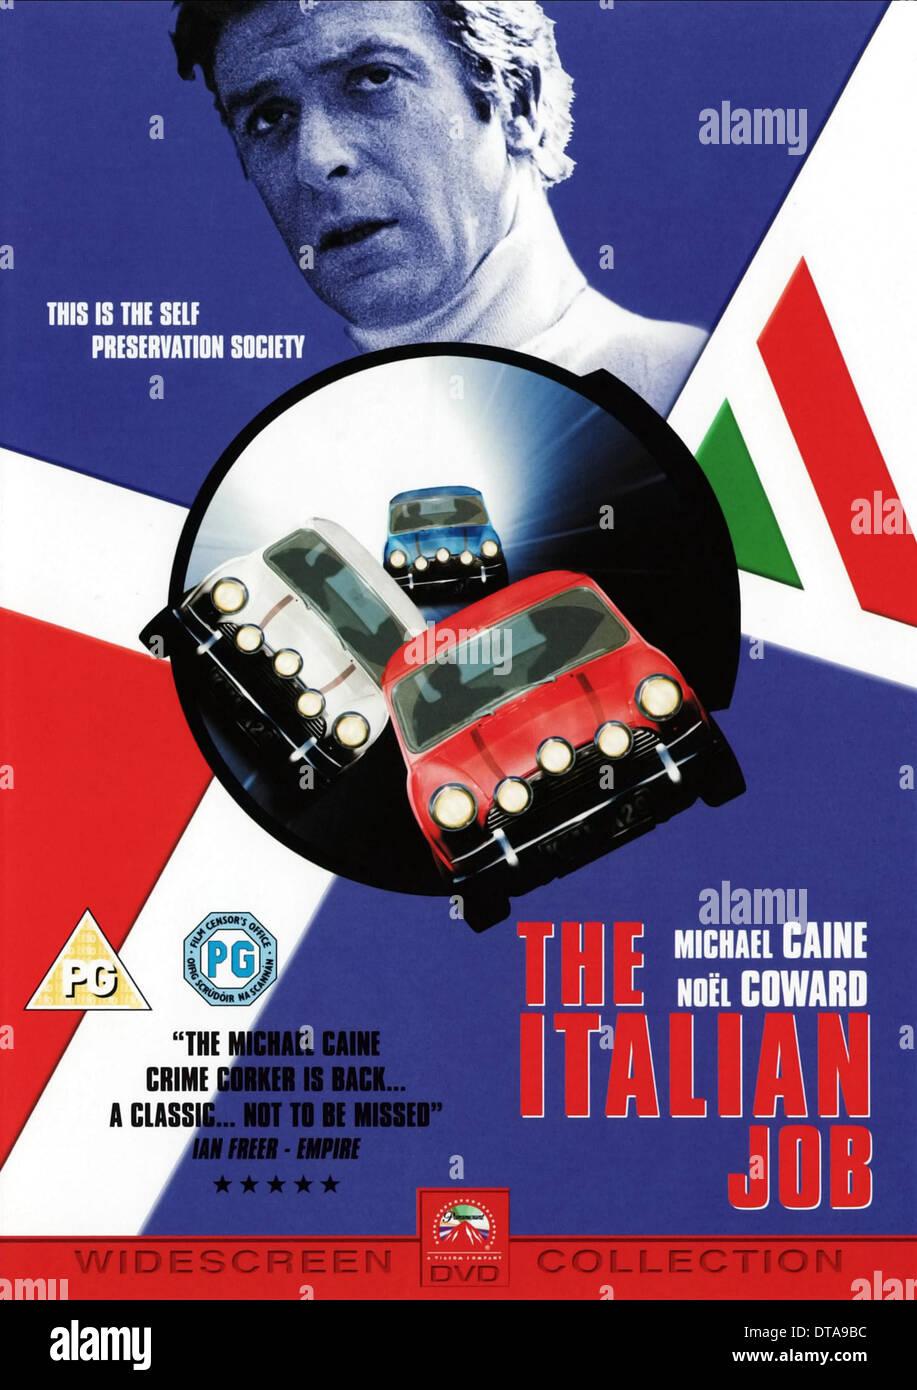 The Italian Job Poster | www.pixshark.com - 180.7KB